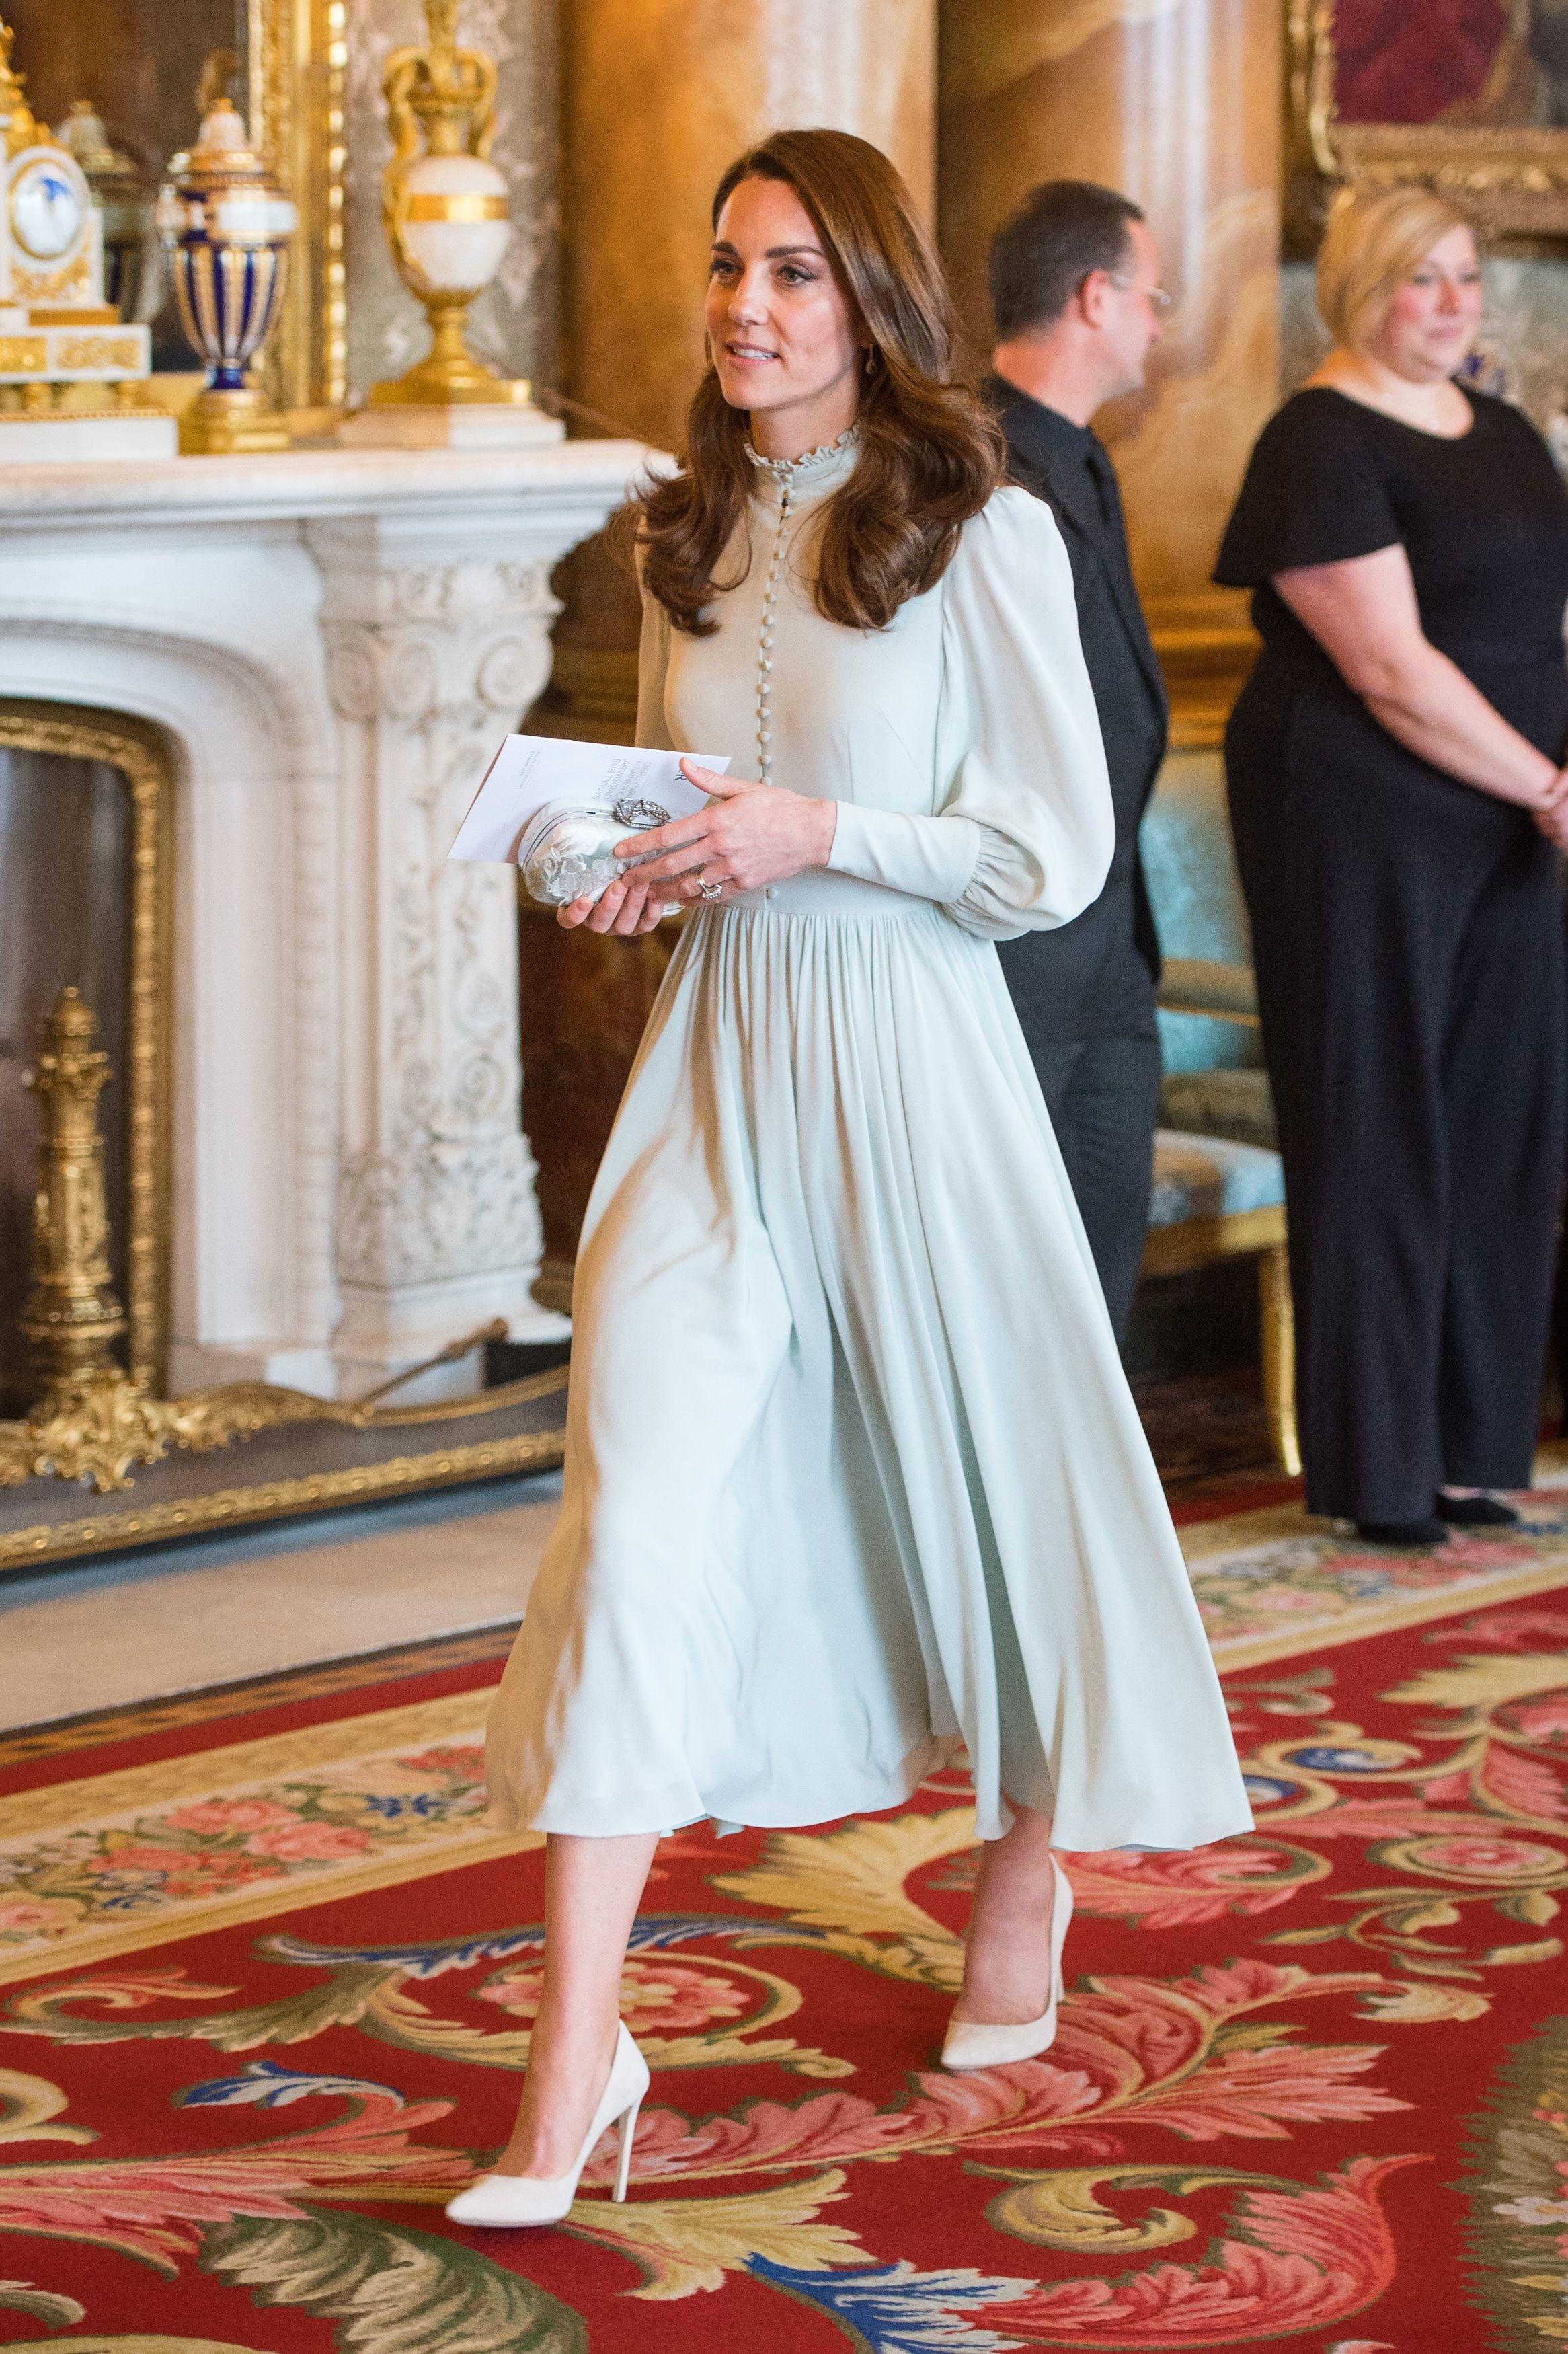 Струнка Кейт Міддлтон в ментоловій сукні прийшла на прийом до Букінгемського палацу